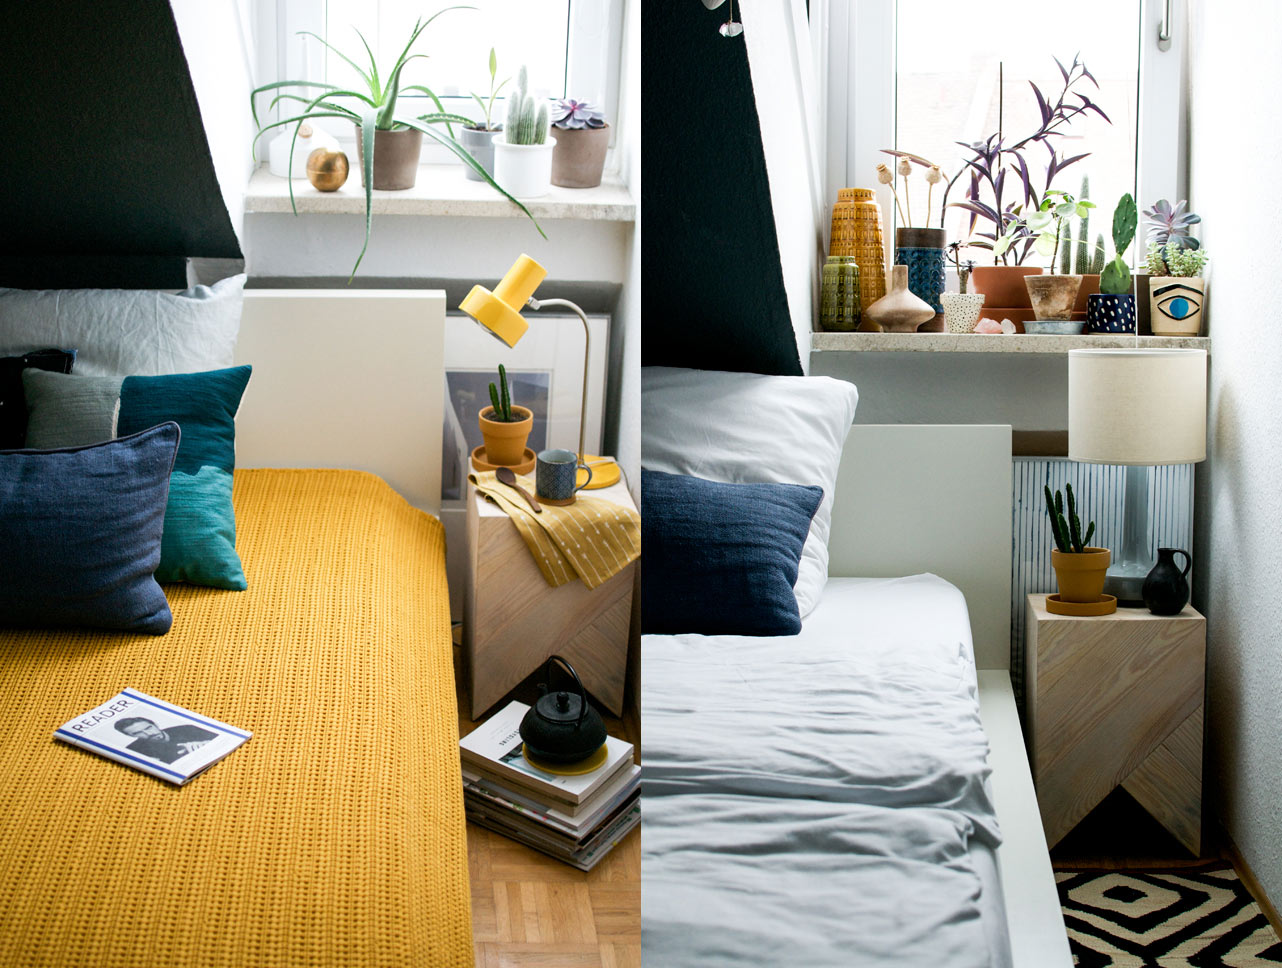 Antes y despu s en la decoraci n de estos 10 dormitorios - Decoracion y hogar ...